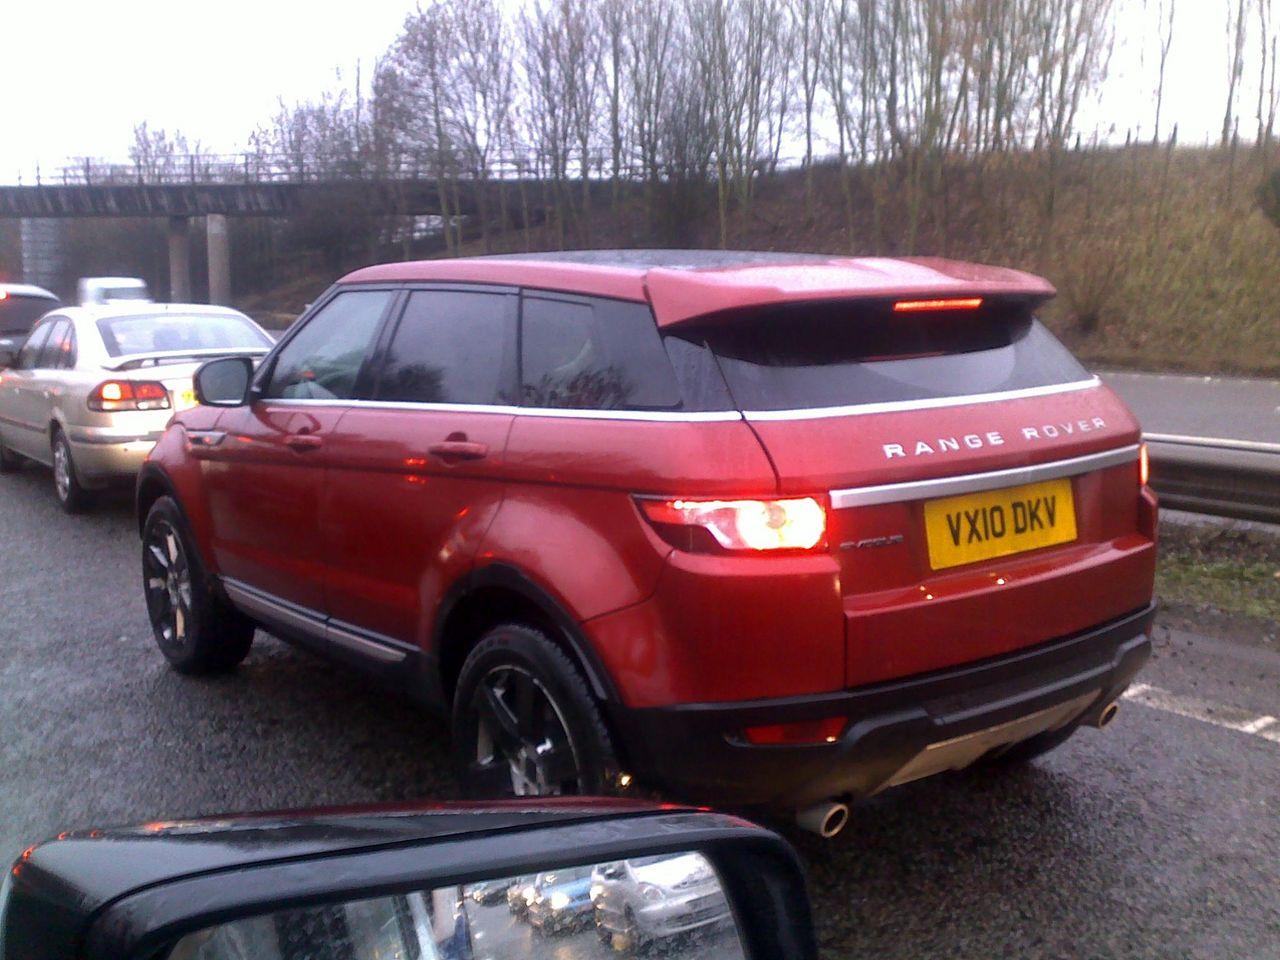 BabyRRcom The Range Rover Evoque Forum Five Door In The Metal - Range rover forum